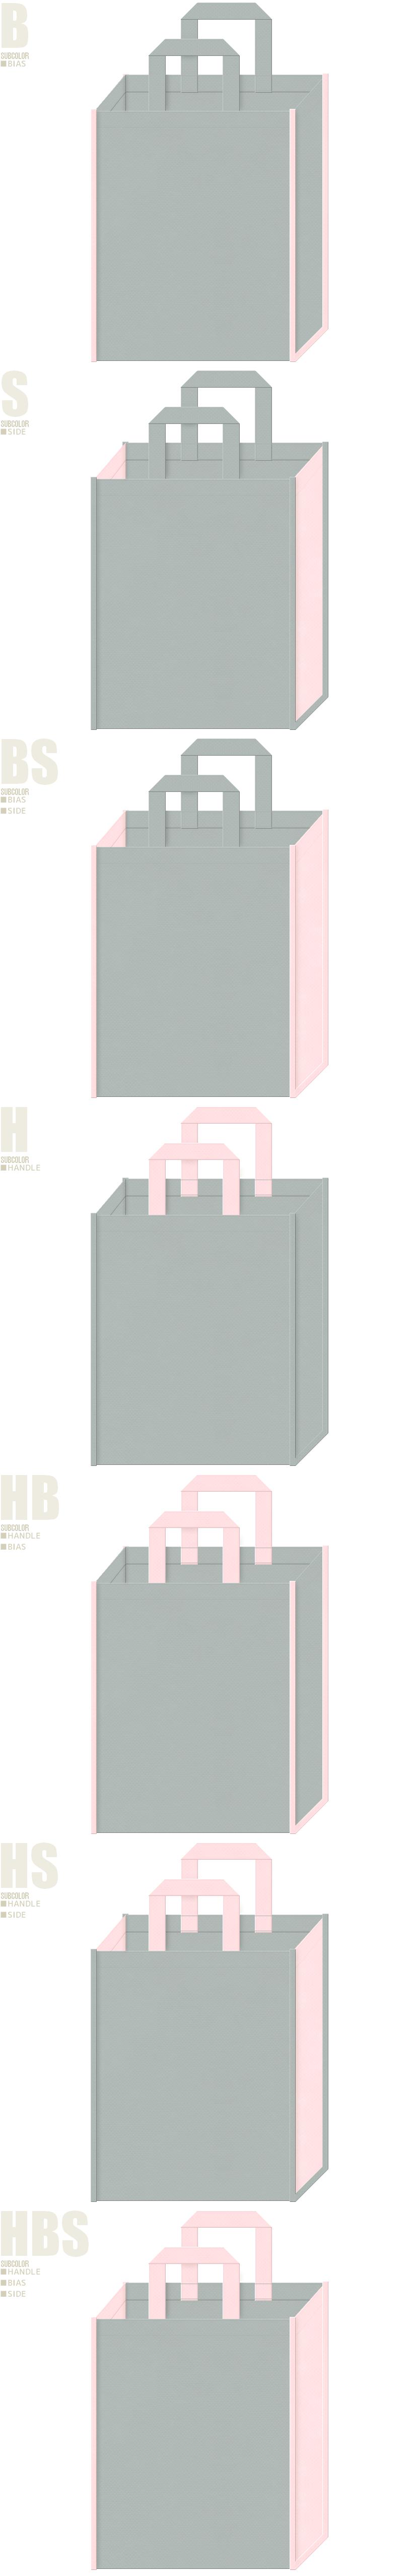 事務服の展示会用バッグにお奨めの不織布バッグデザイン:グレー色と桜色の配色7パターン